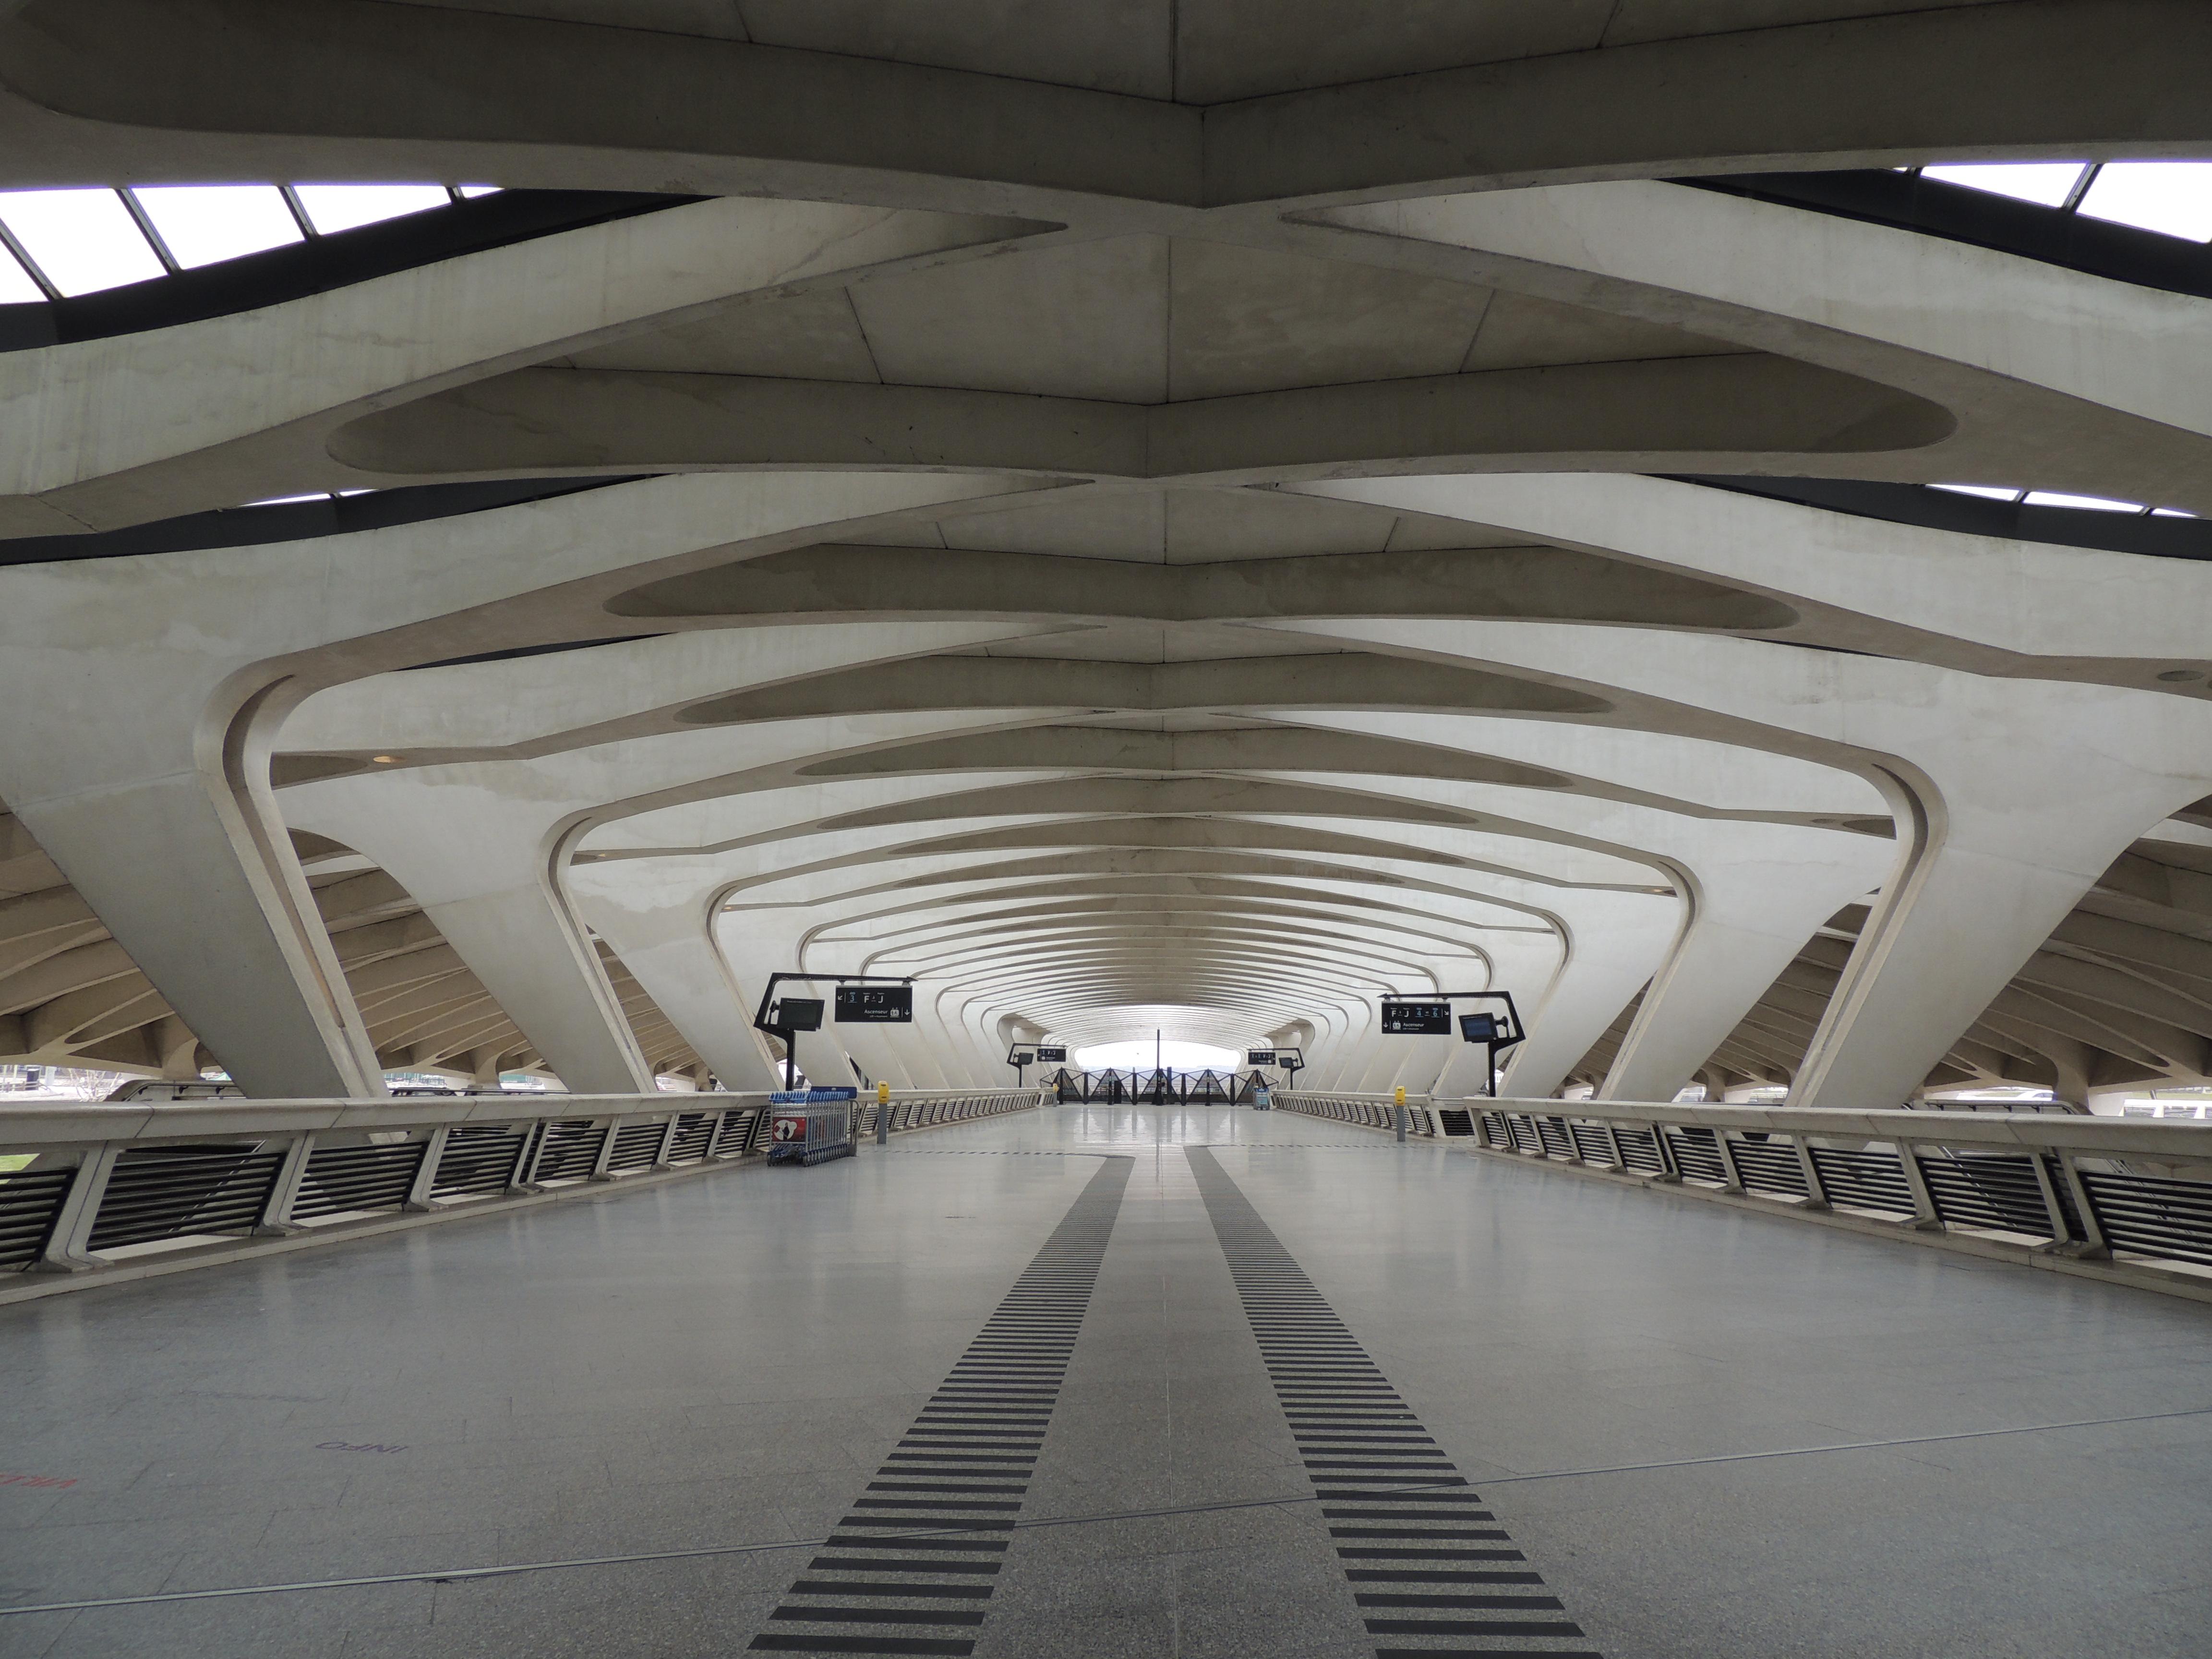 Gare de Liège-Guillemins, France